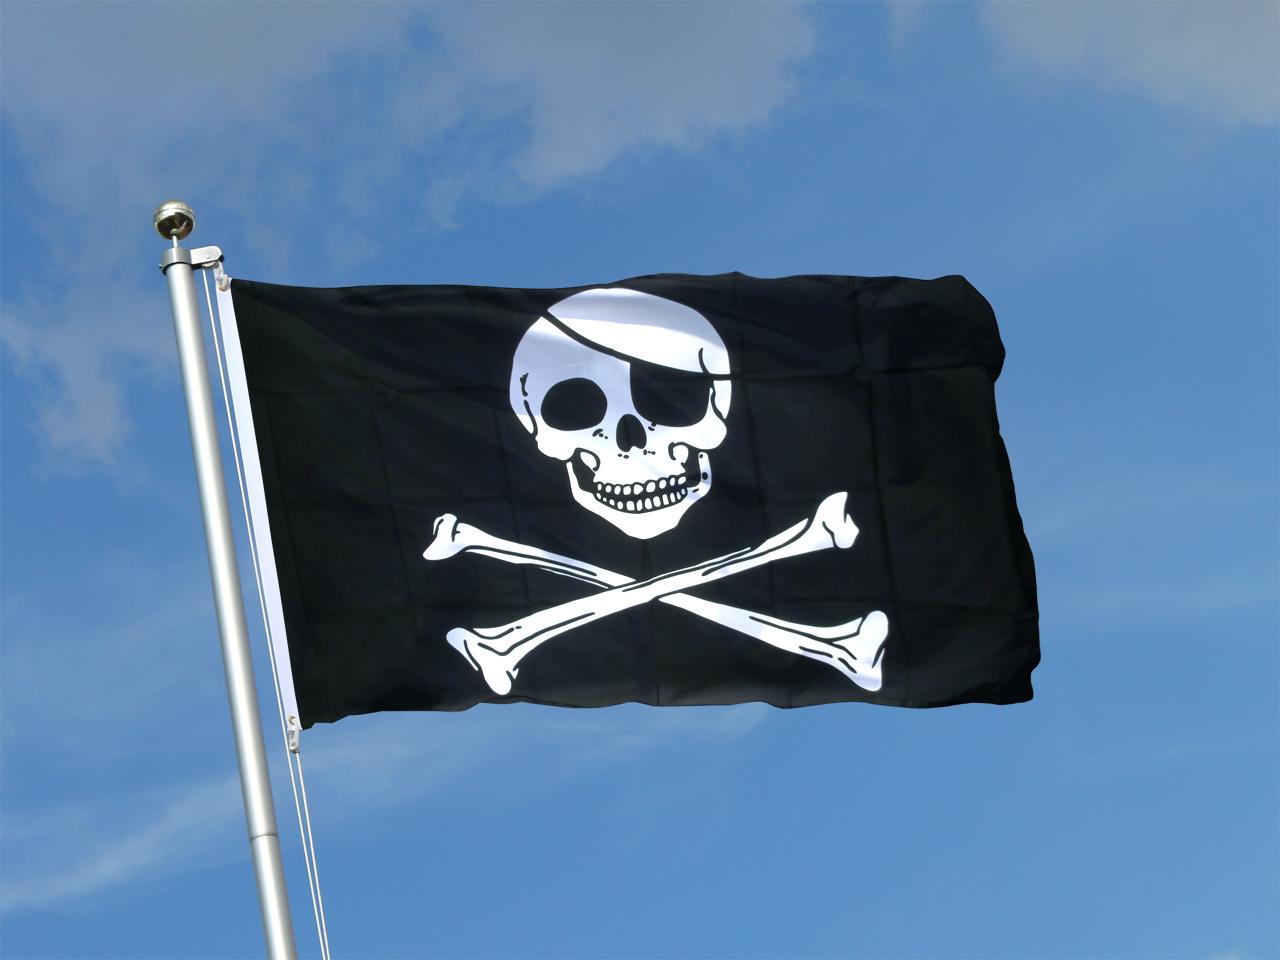 Acheter drapeau pirate 90 x 150 cm monsieur des drapeaux - Monsieur pirate ...